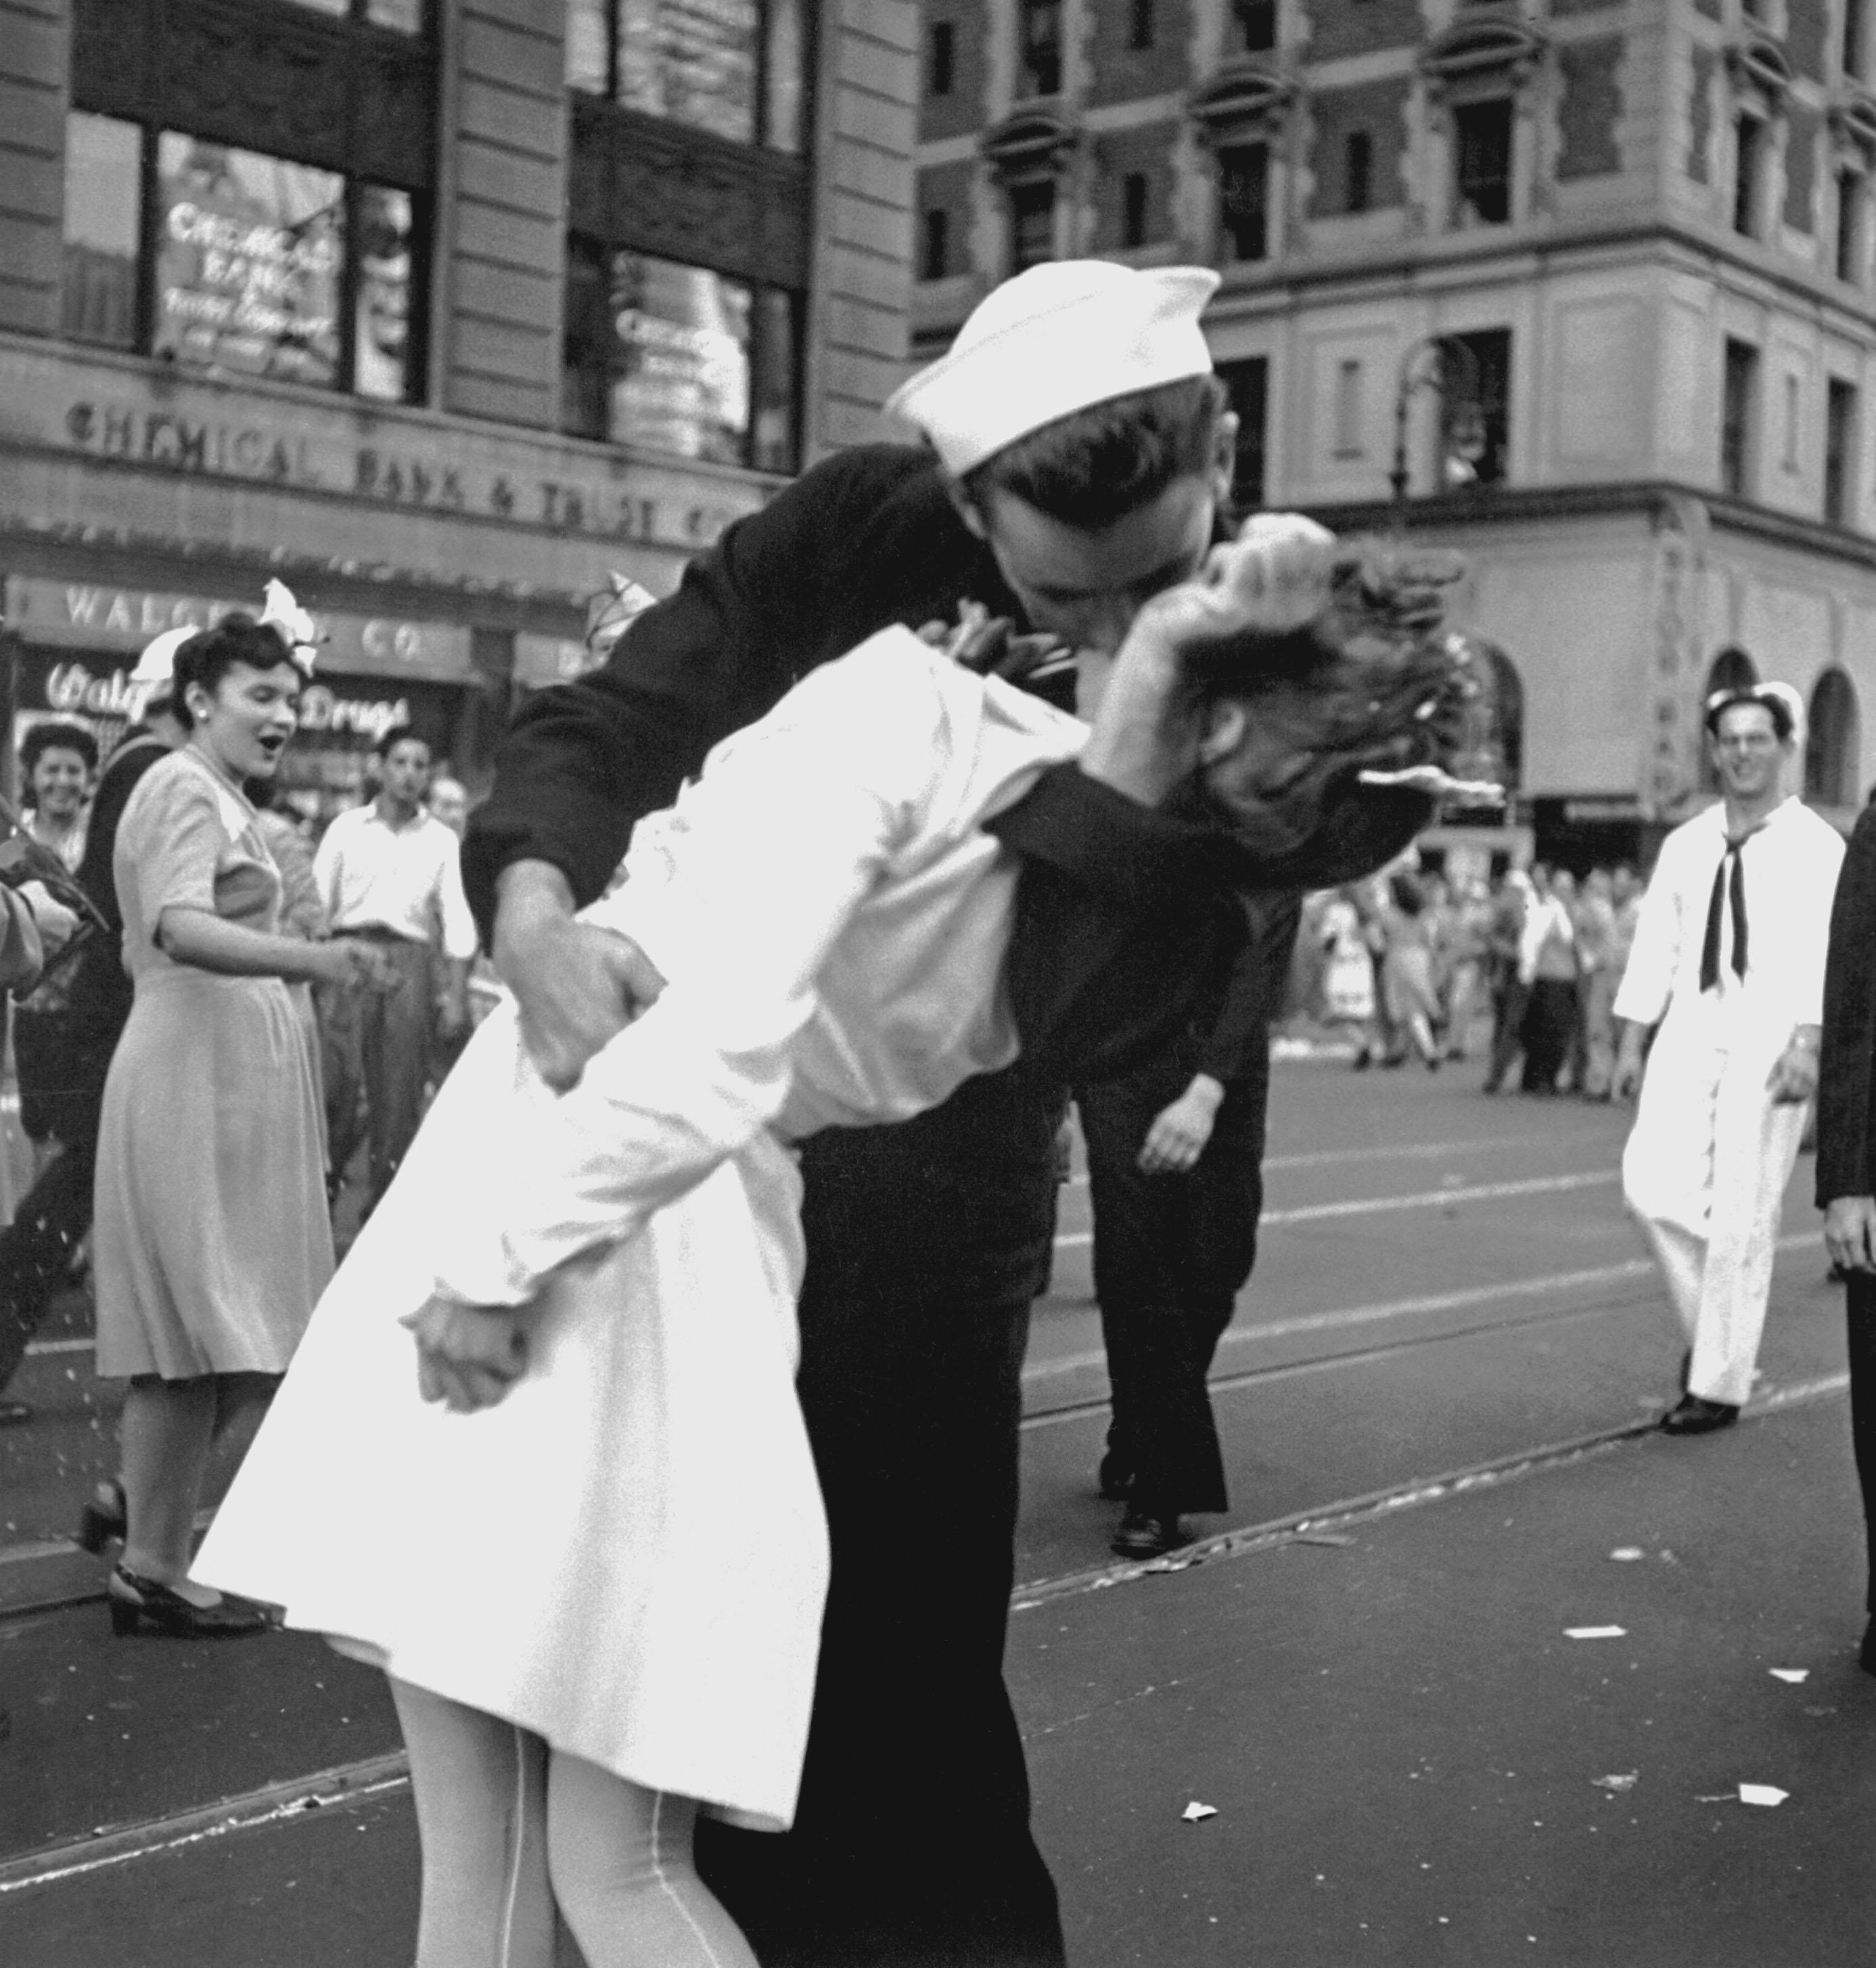 Поцелуй на Таймс север фотографа Виктора Йоргенсена